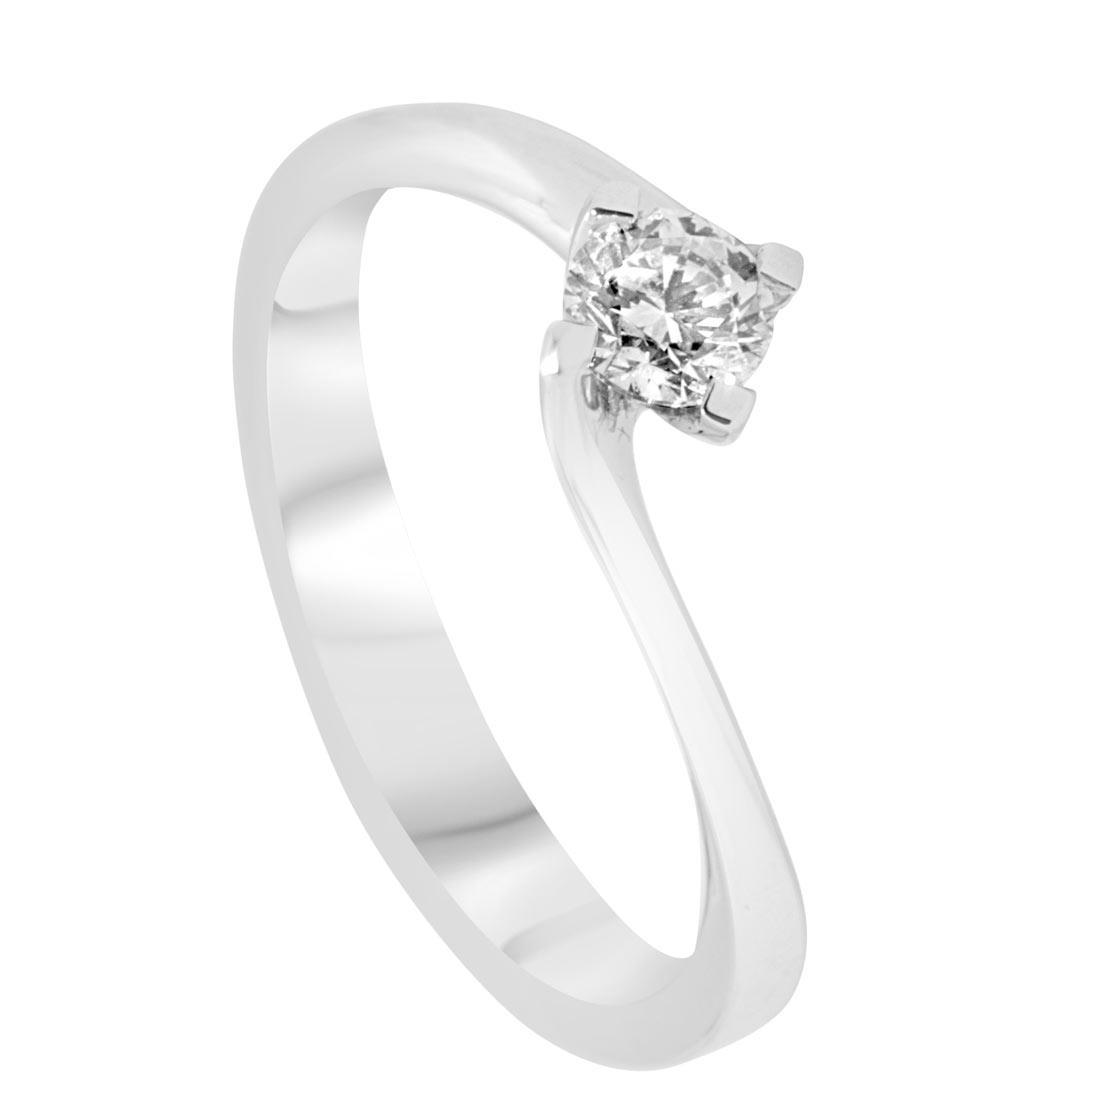 Anello solitario in oro bianco 4 griffes con diamante 0,25 ct mis 14 - ORO&CO